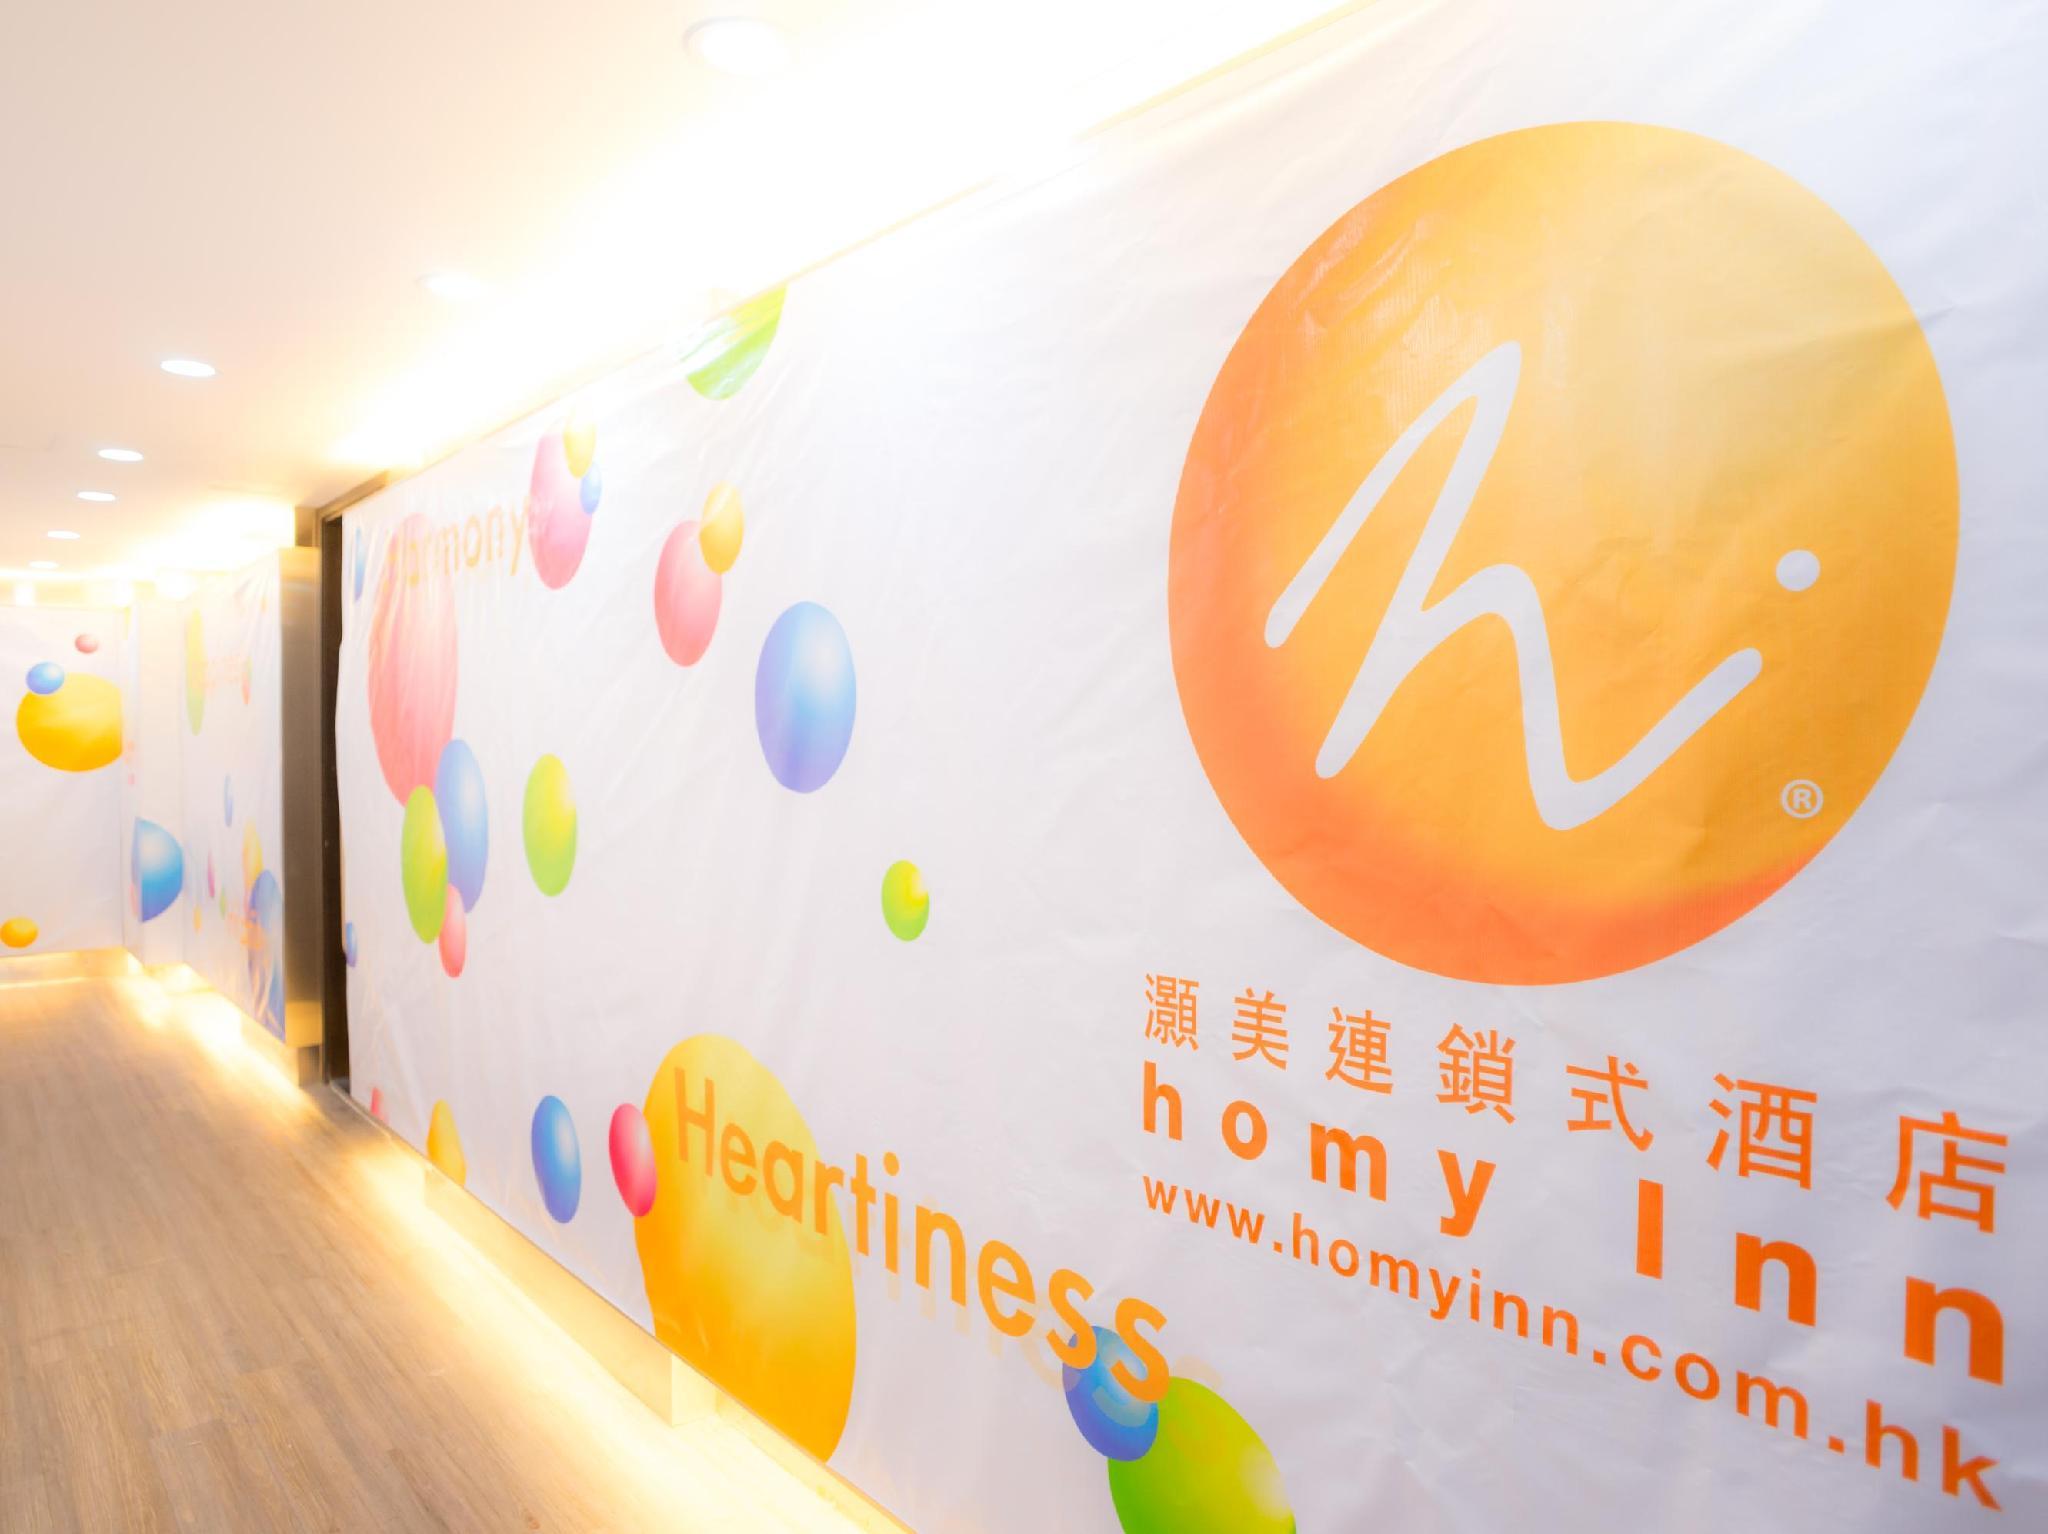 Homy Inn